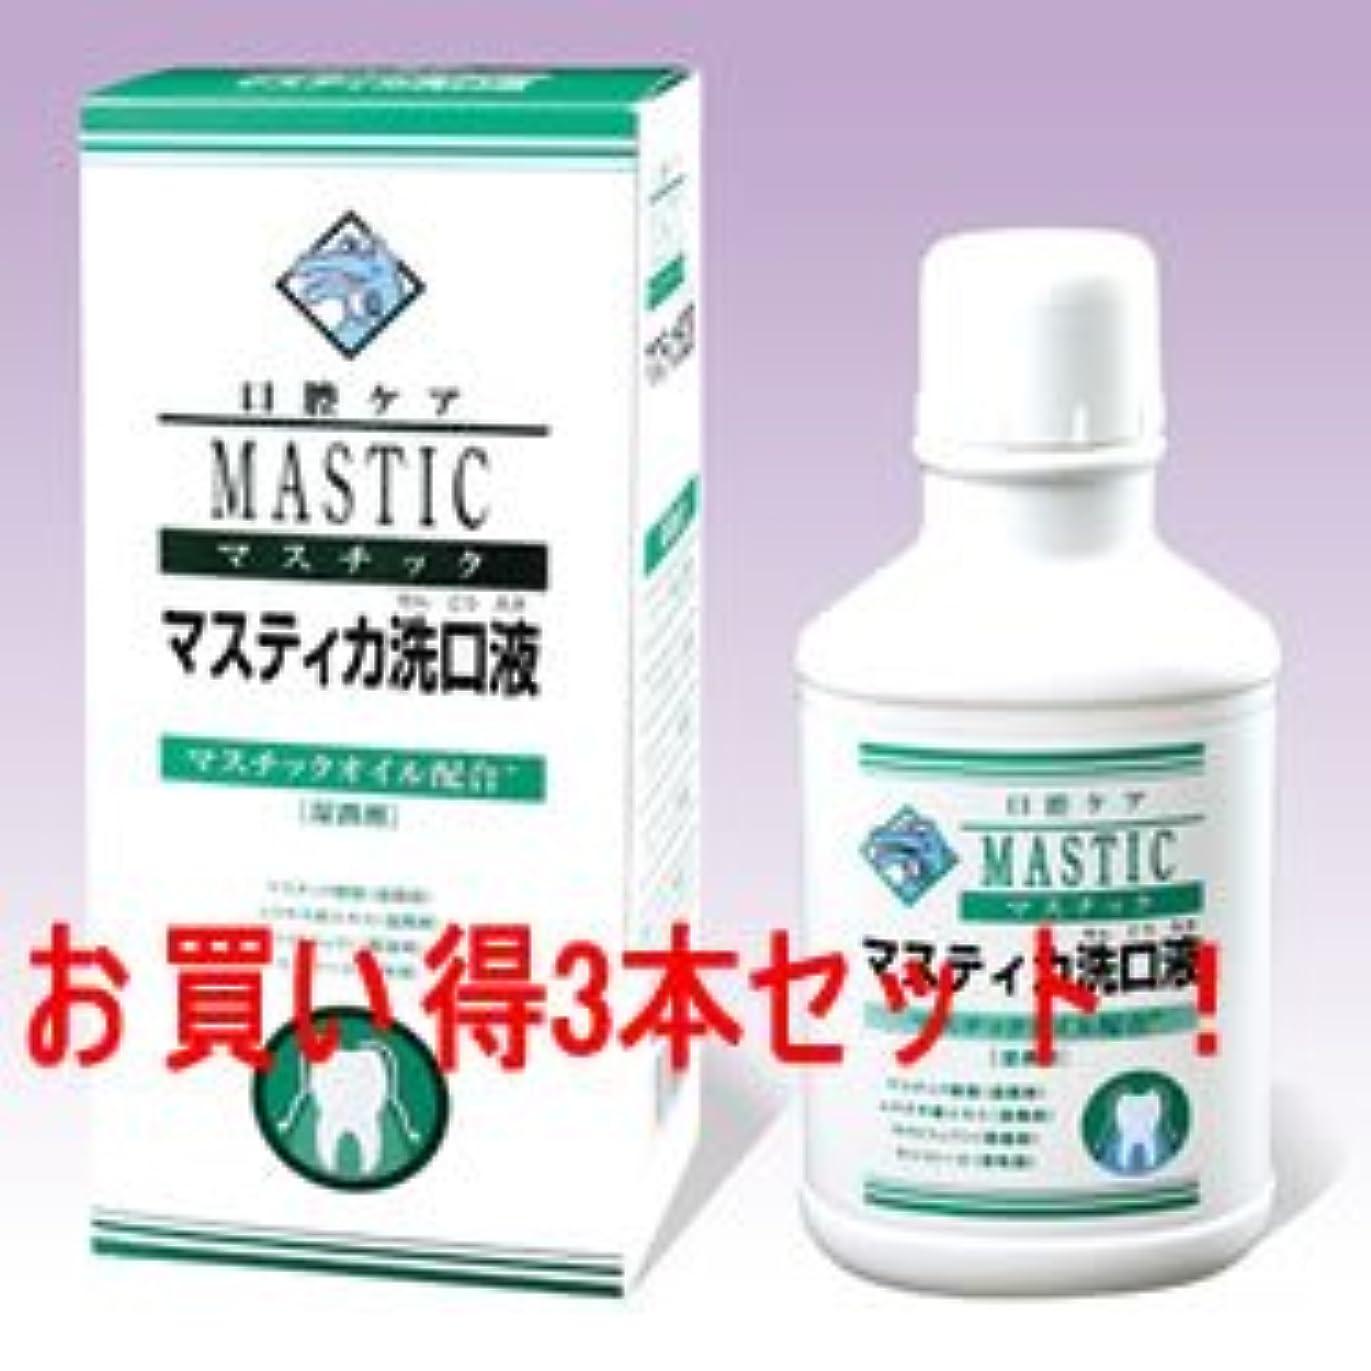 シーン解明ラップマスチック マスティカ洗口液480ml(3本セット)